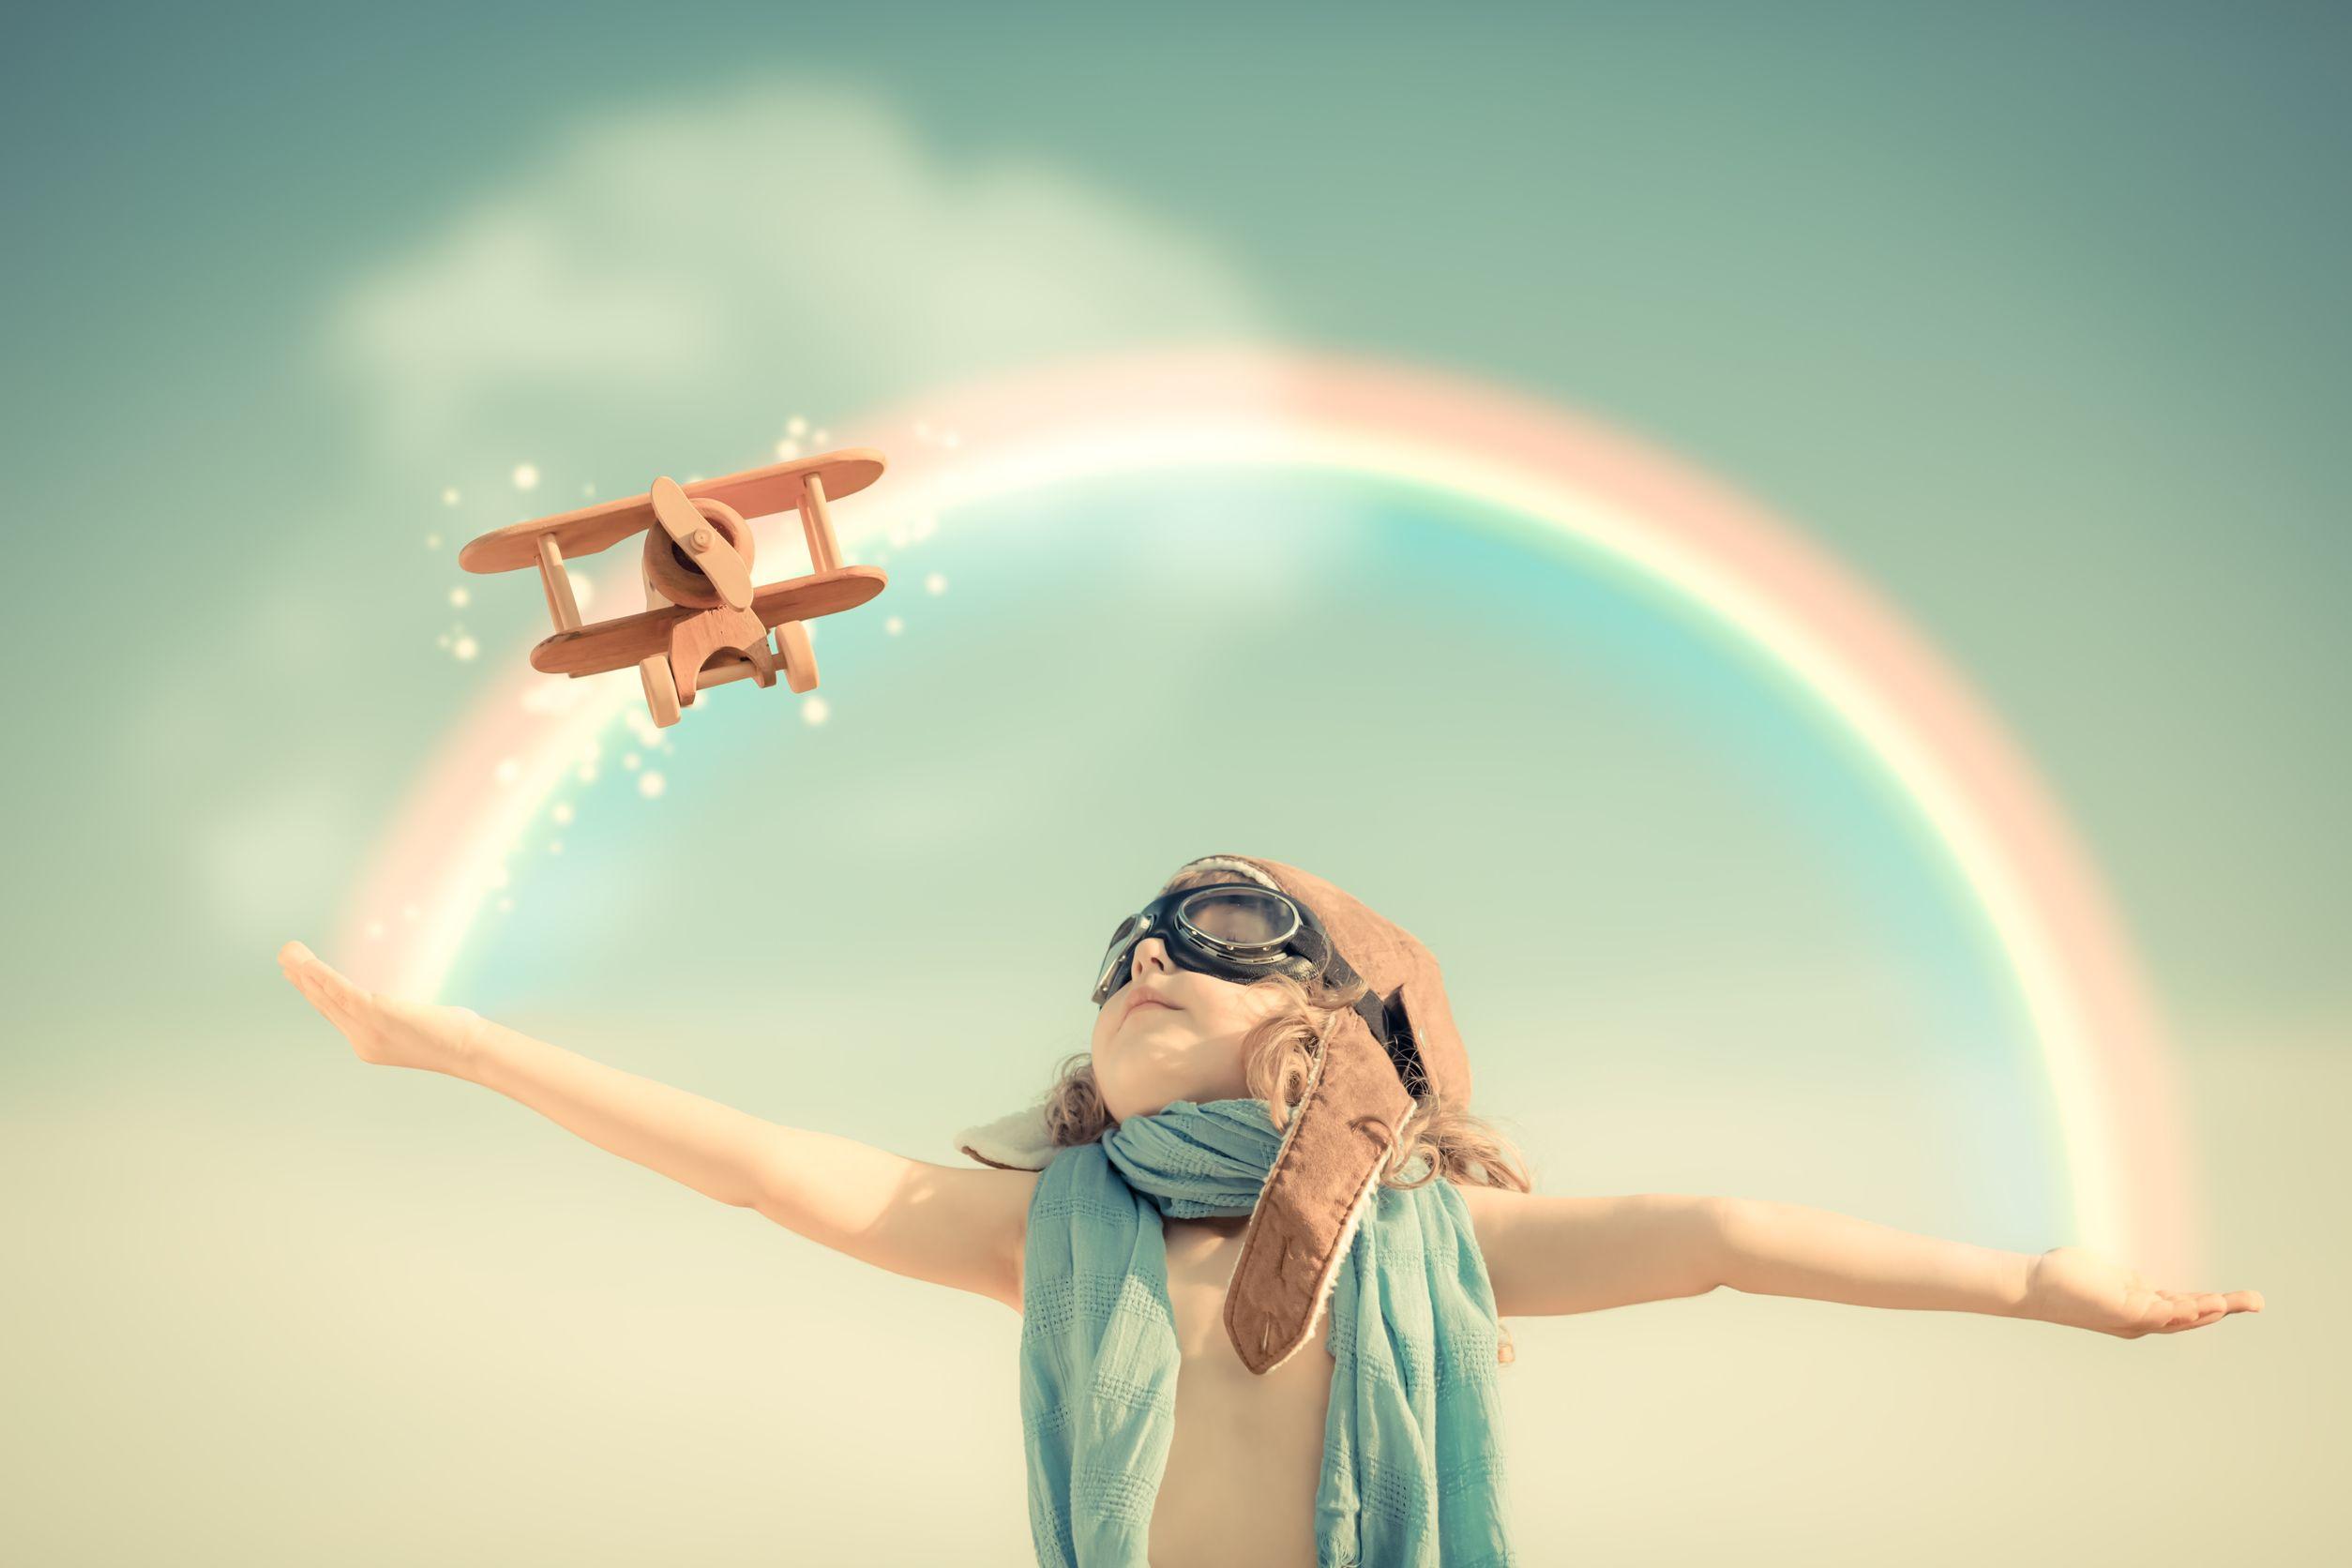 Criança de braços abertos formando um arco-íris ligado na ponta de suas mãos.